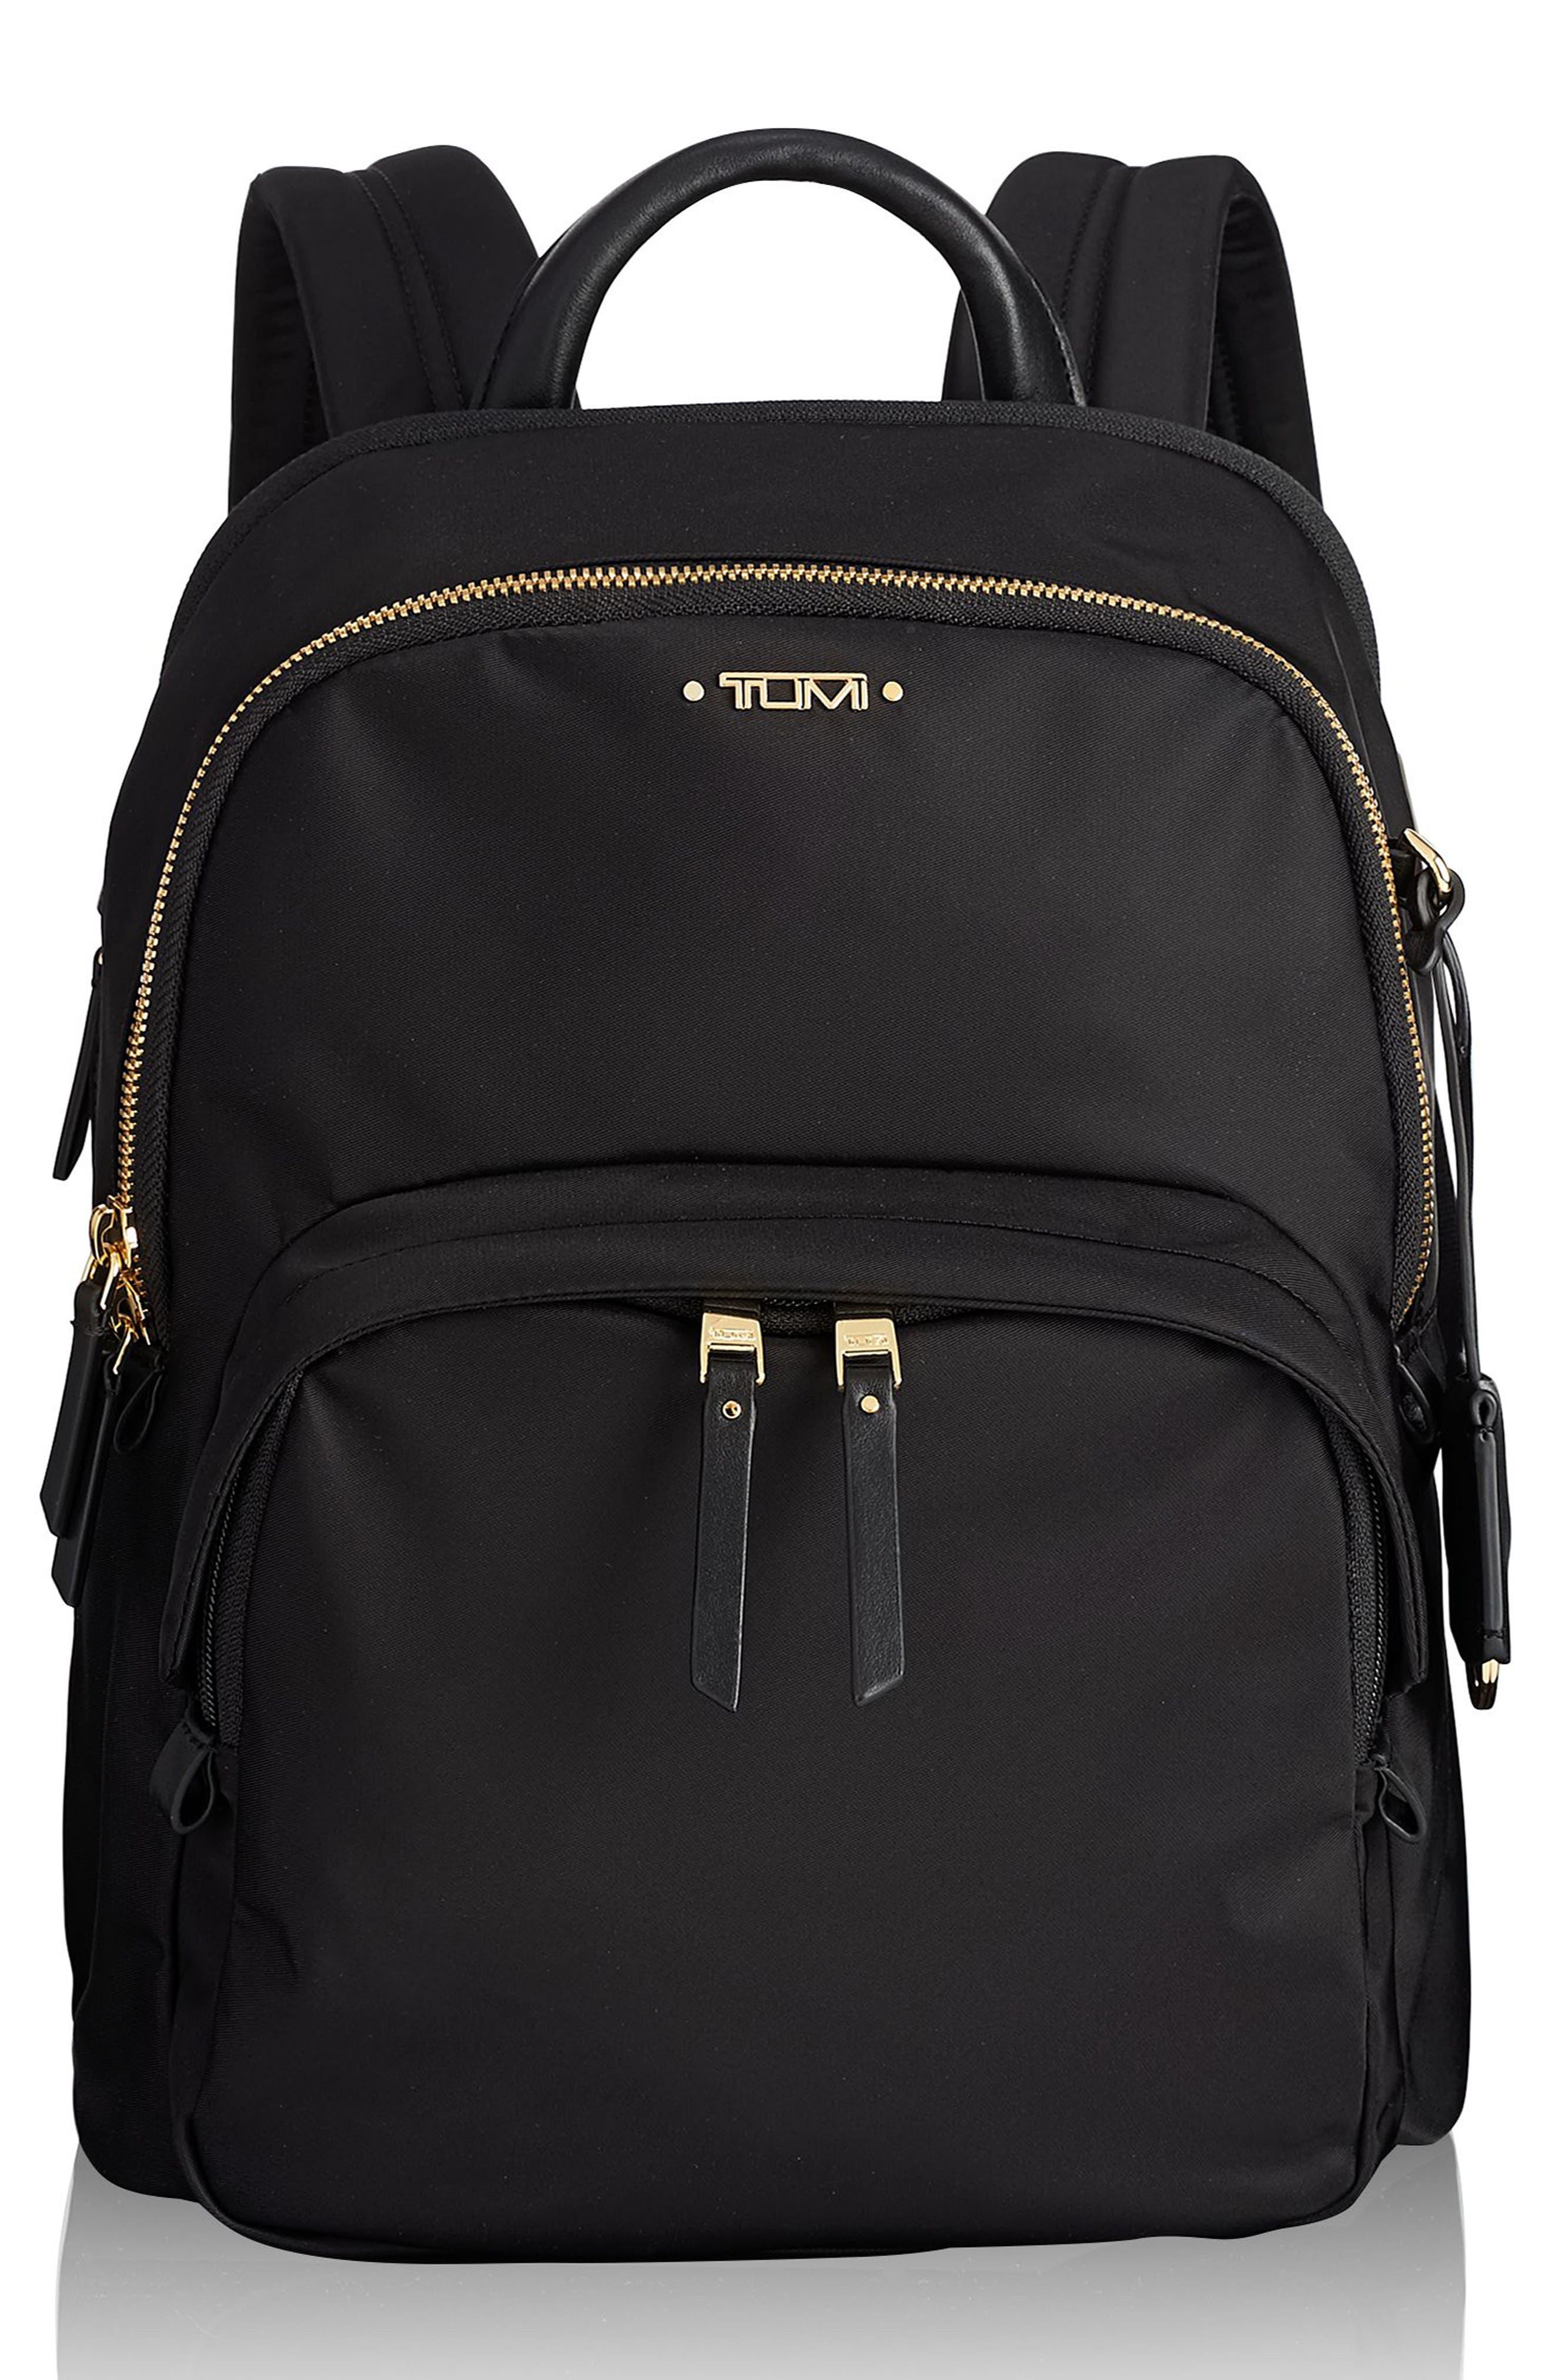 TUMI, Voyageur Dori Nylon Backpack, Main thumbnail 1, color, BLACK